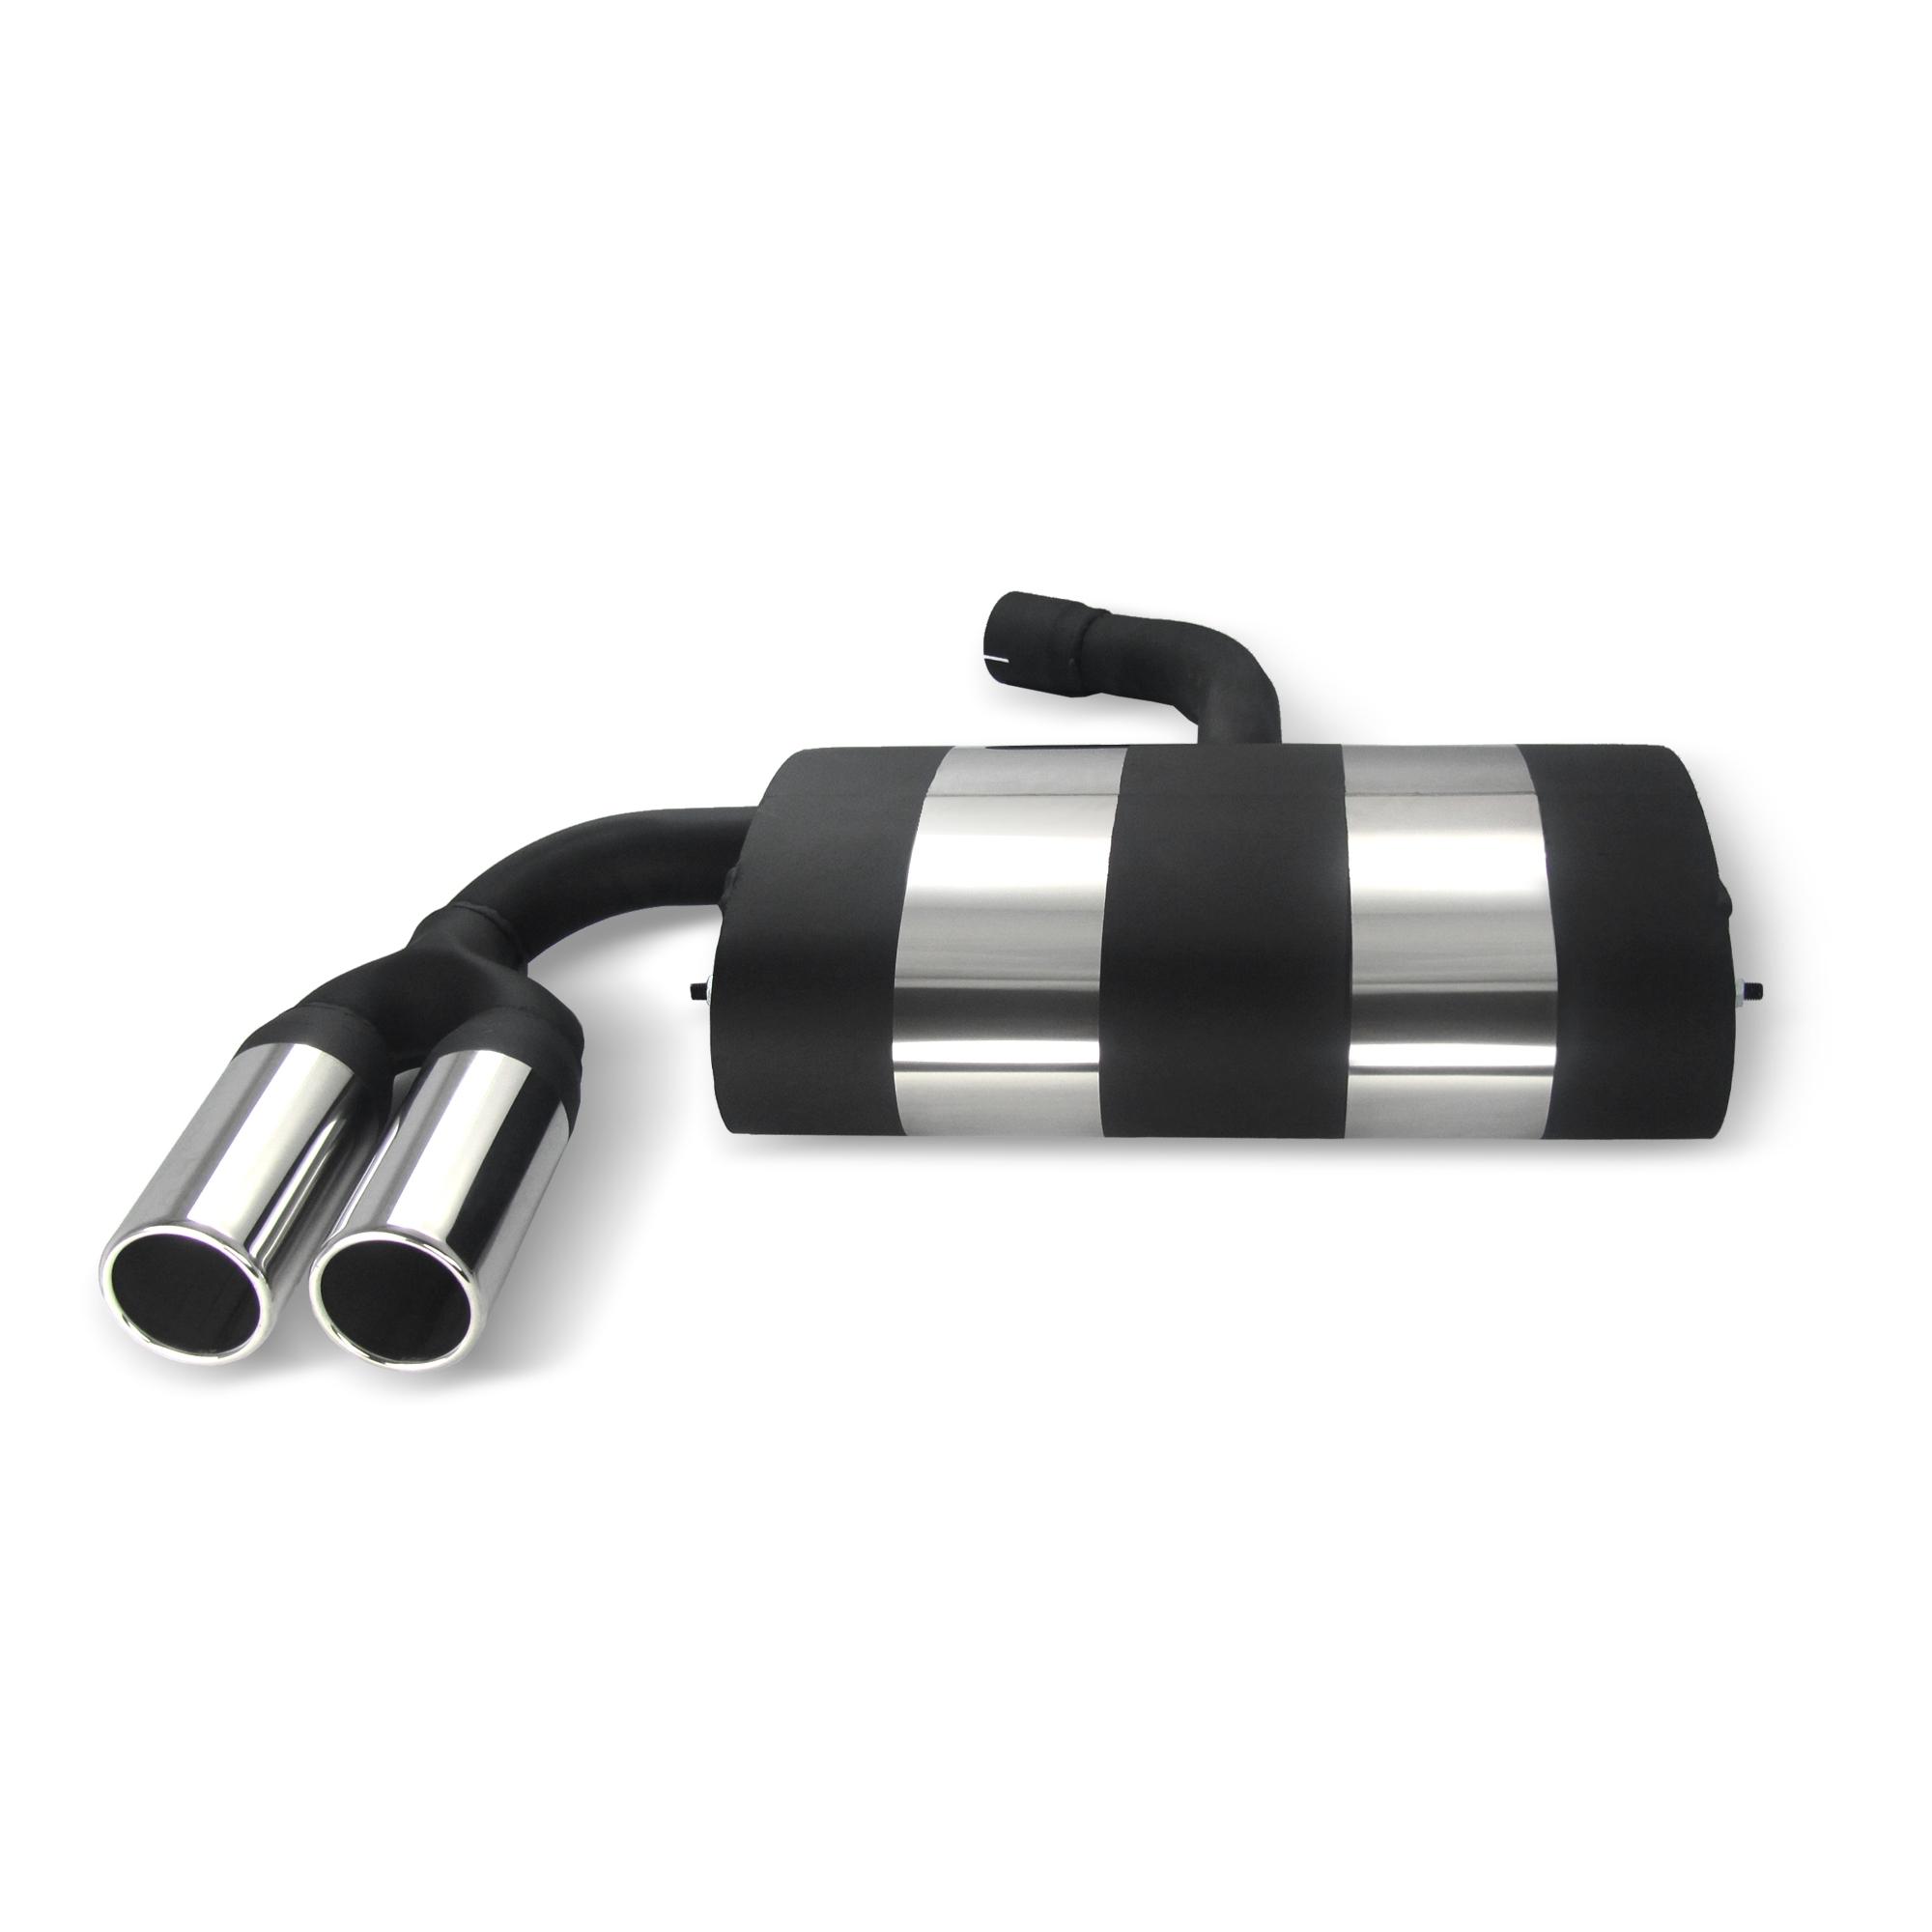 JOM Bagpotte rustfri stål med 2x76 mm lige afgange. Til VW Golf 5 and Golf 5 Plus Udvendig tilbehør > Udstødning